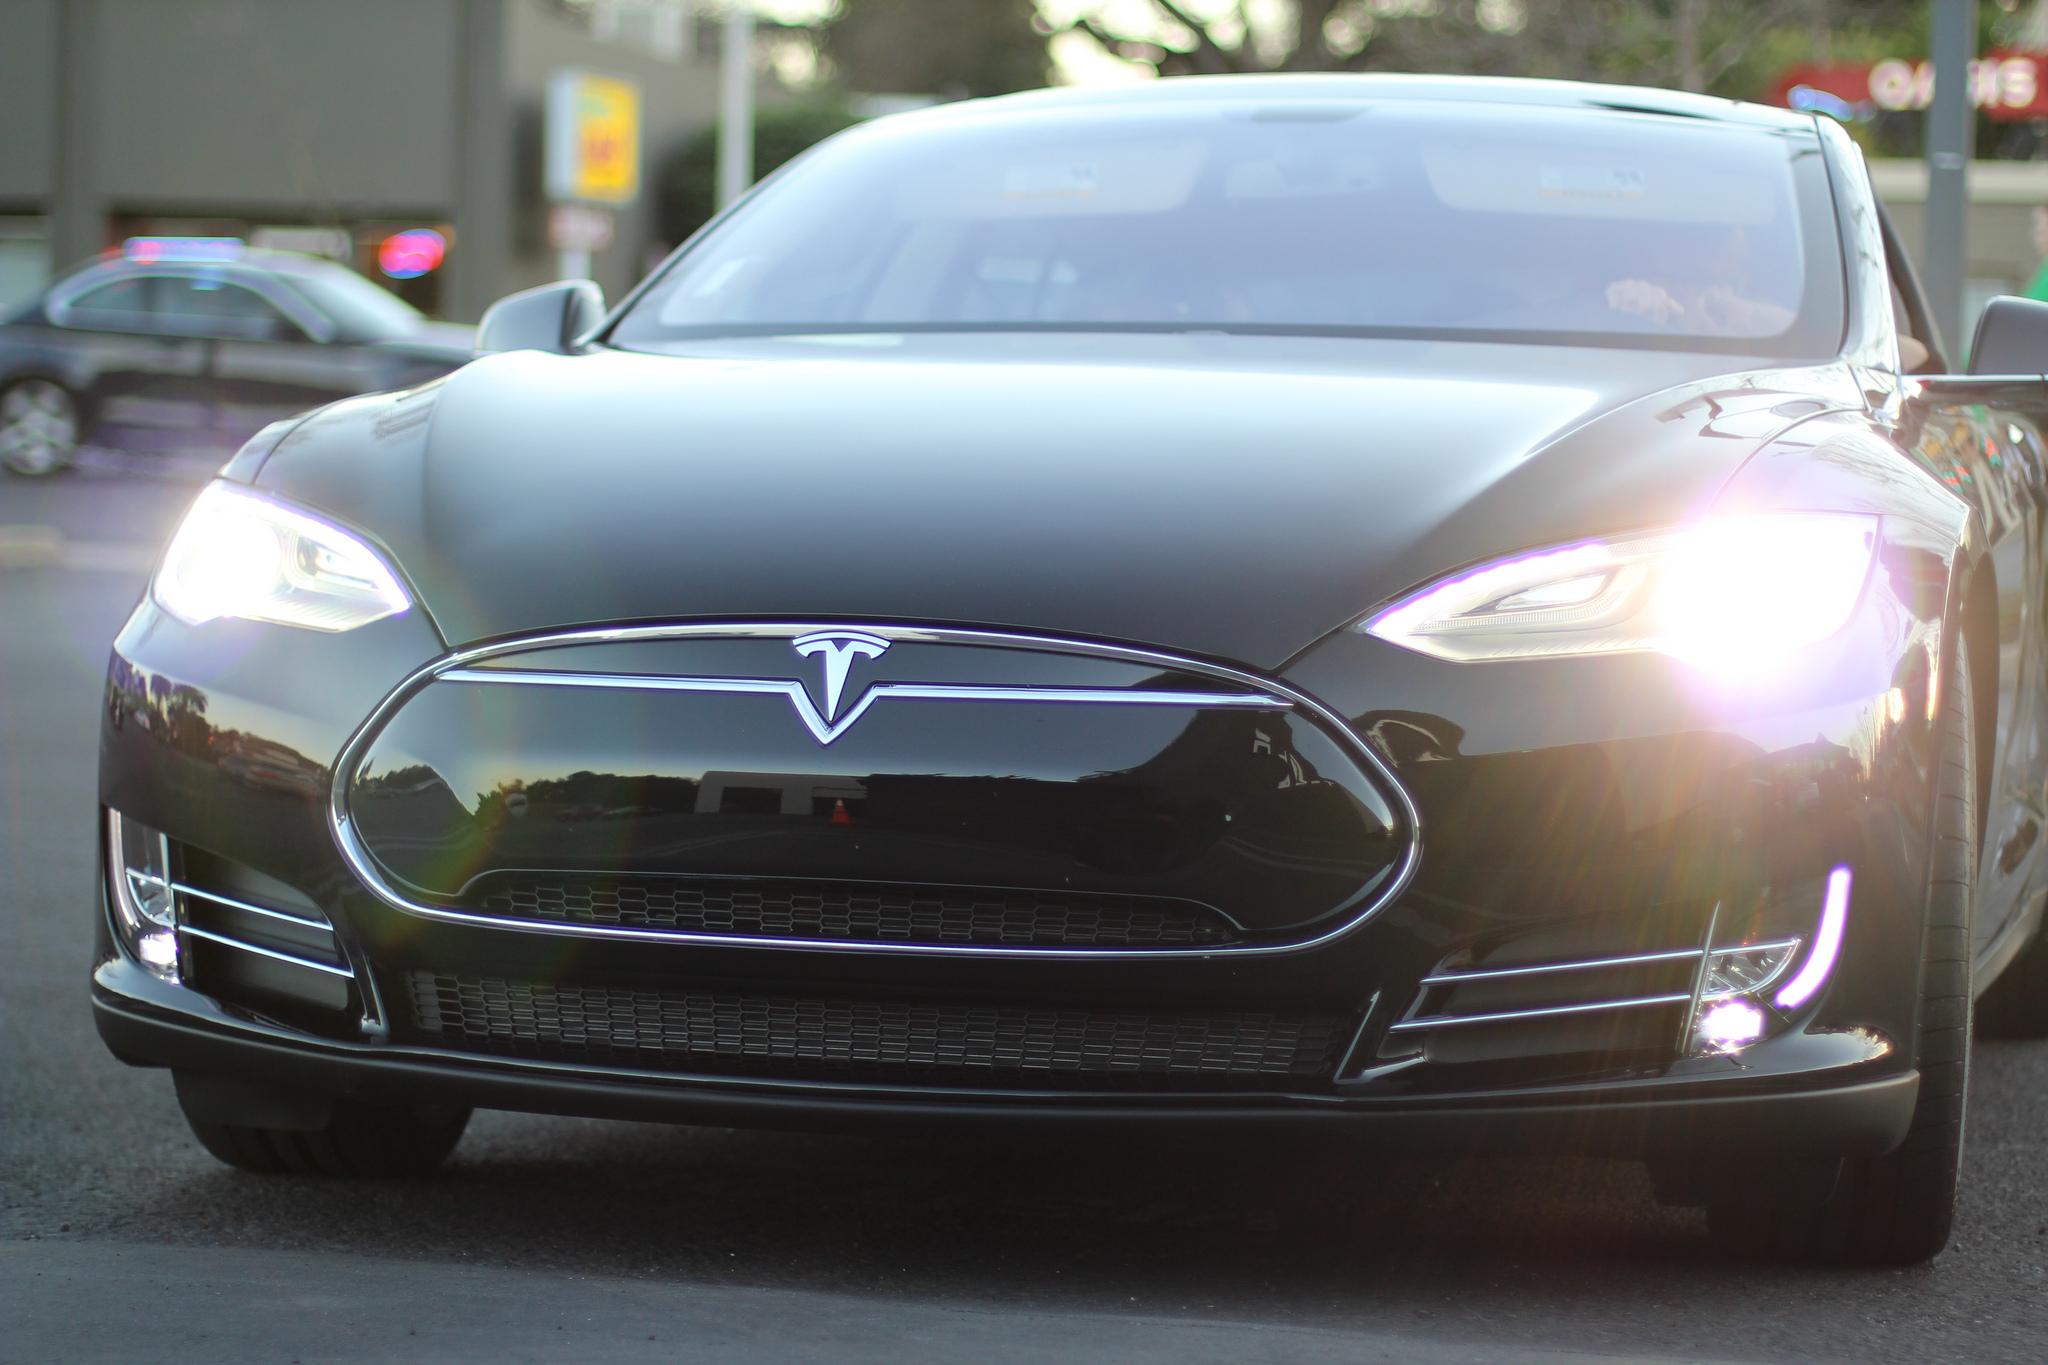 zelfrijdende auto Tesla